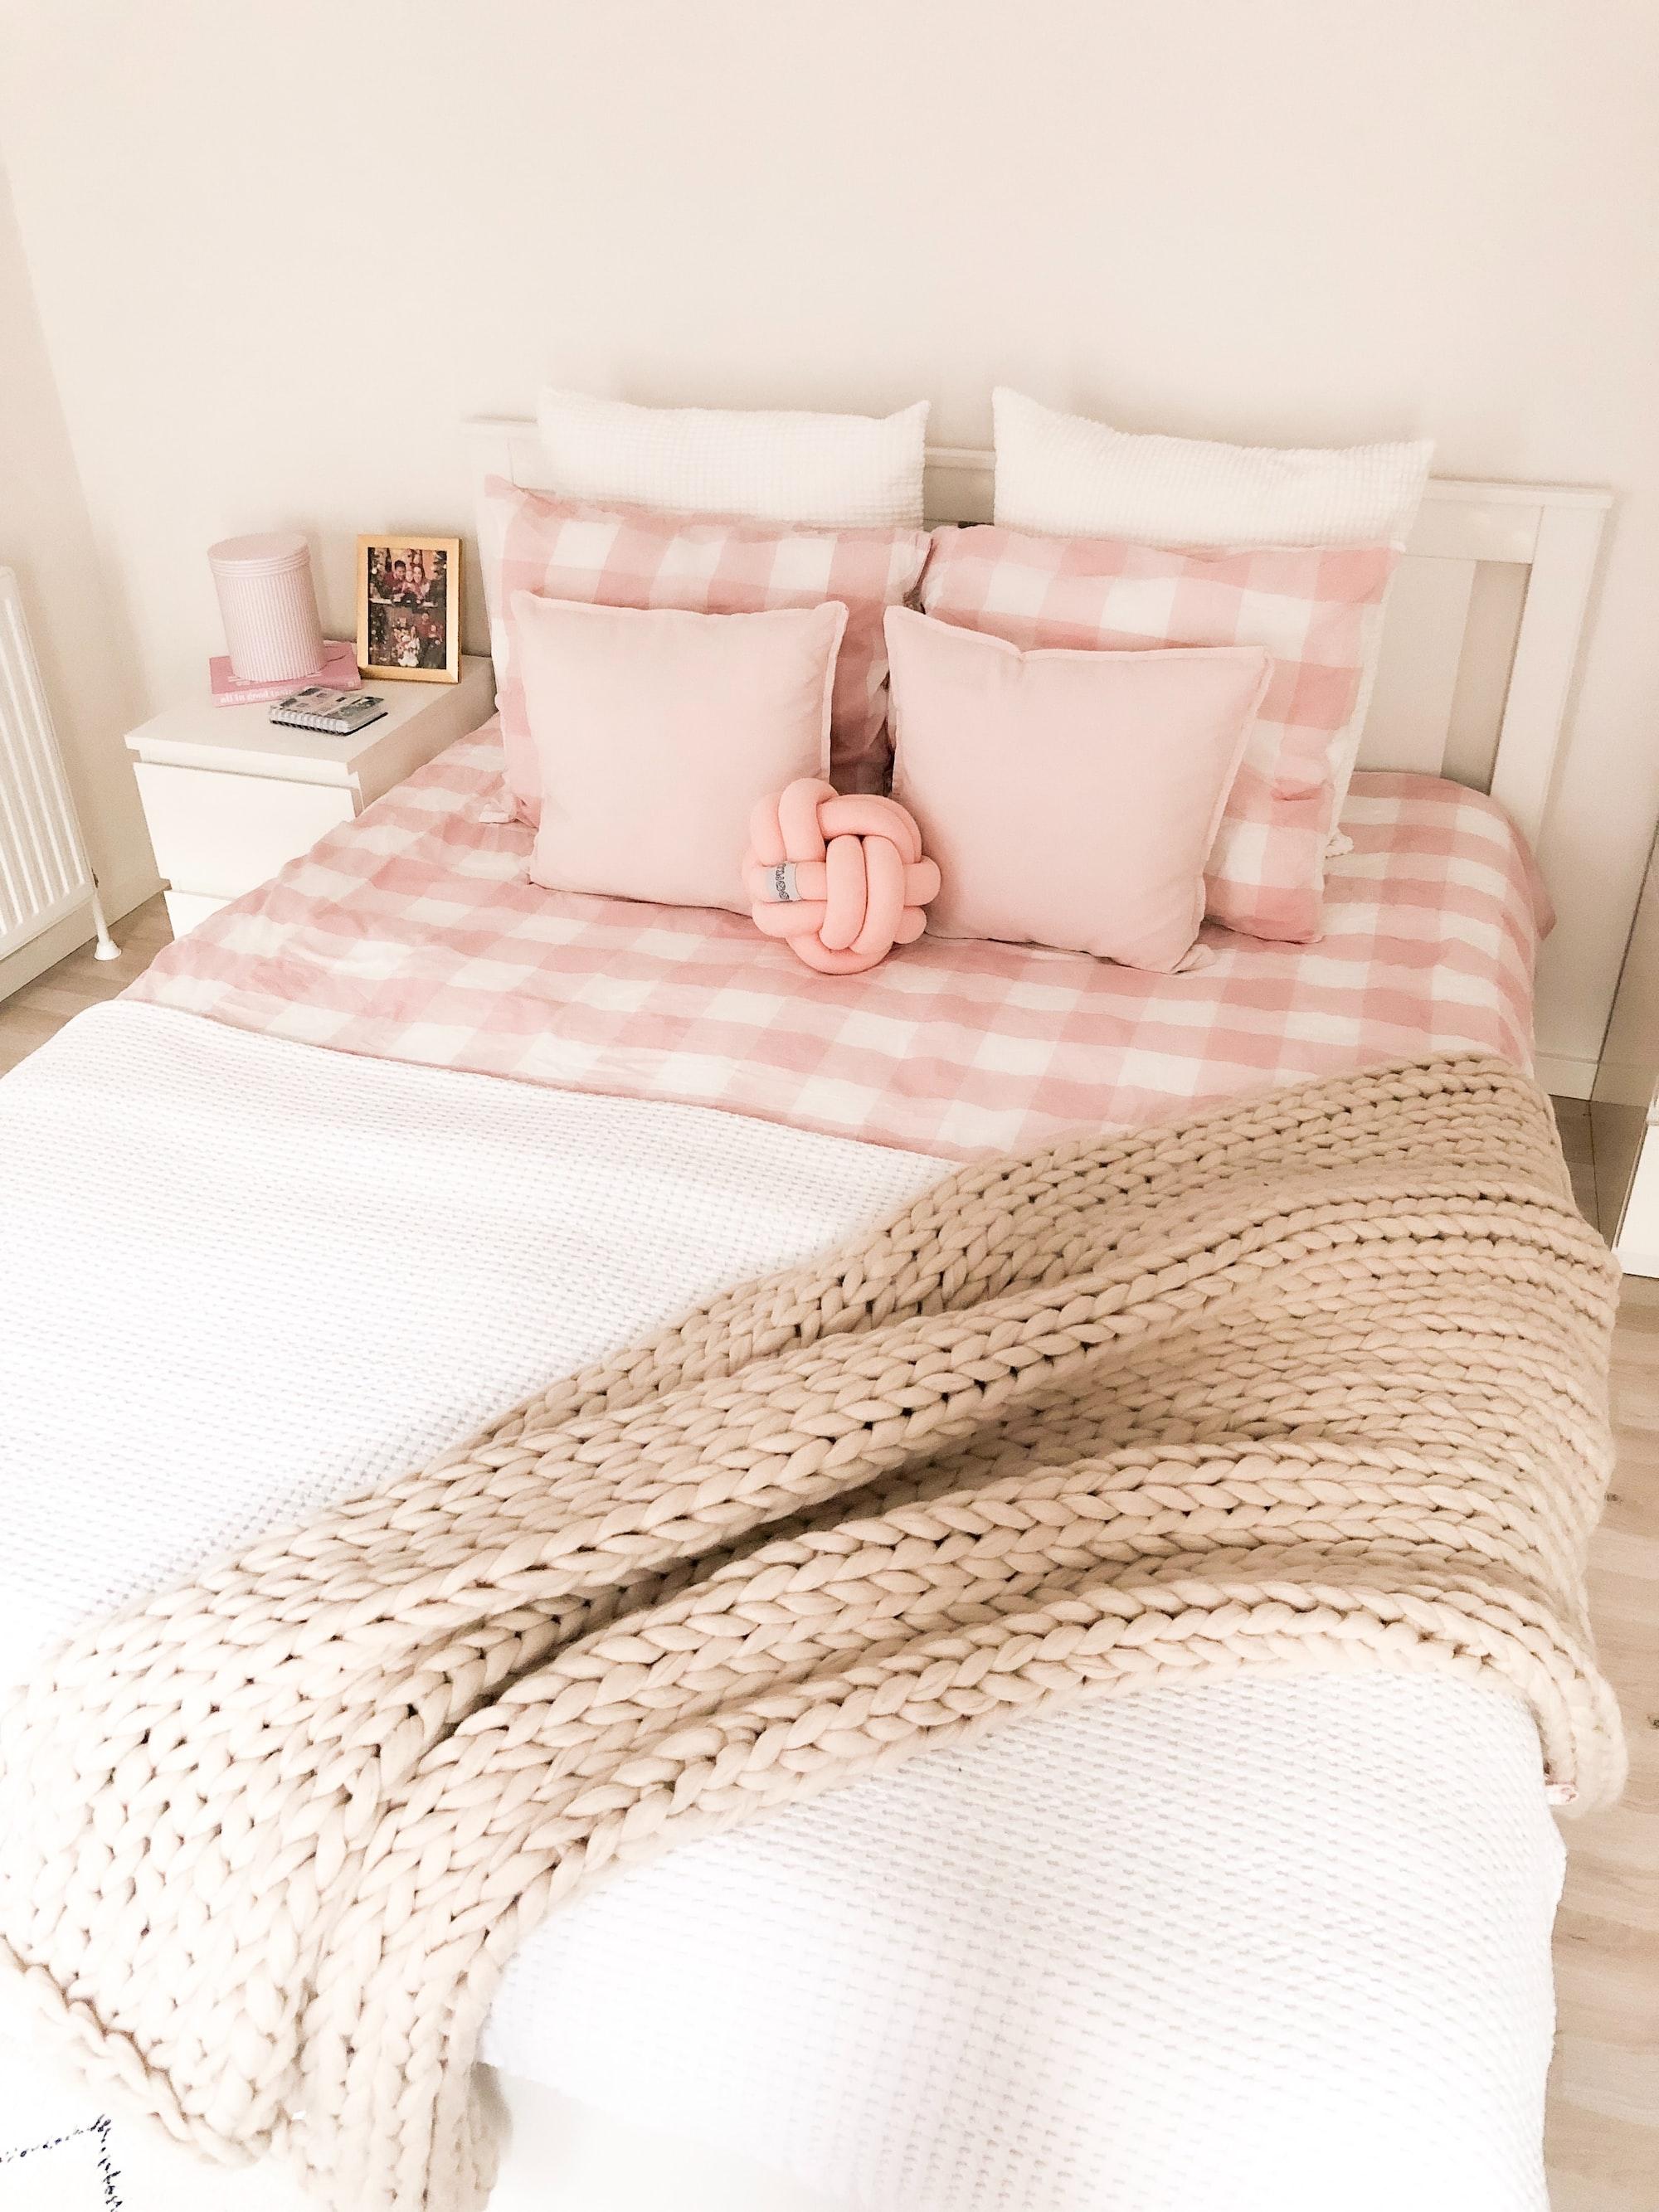 Quanto devono essere grandi le coperte per bambini e quelle per il letto di un adulto?